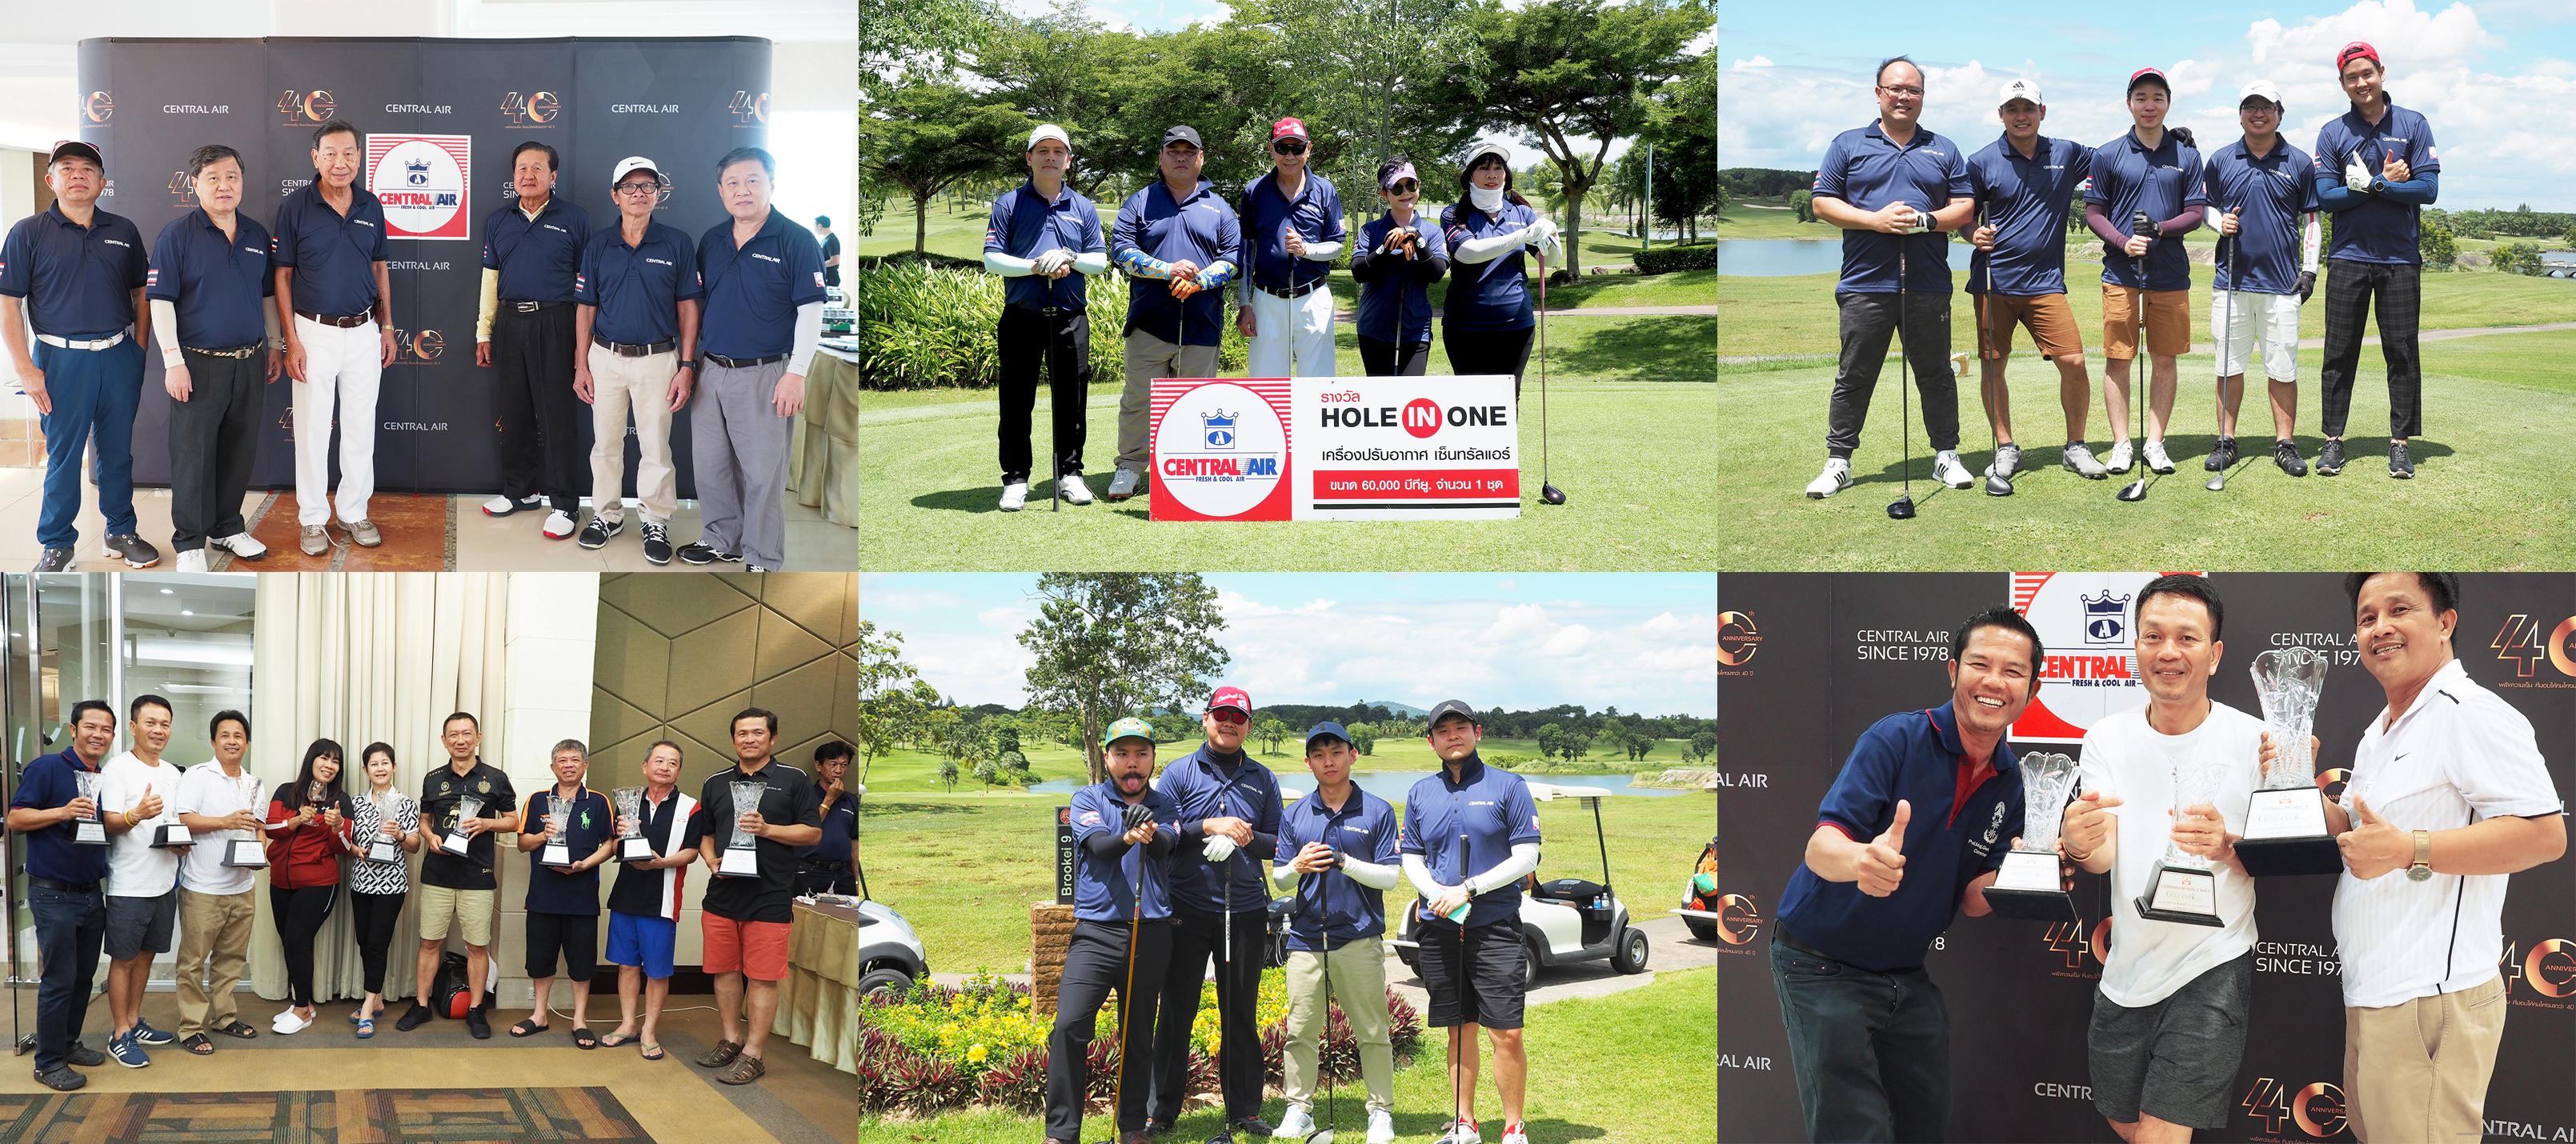 Central Air Golf Club 2019